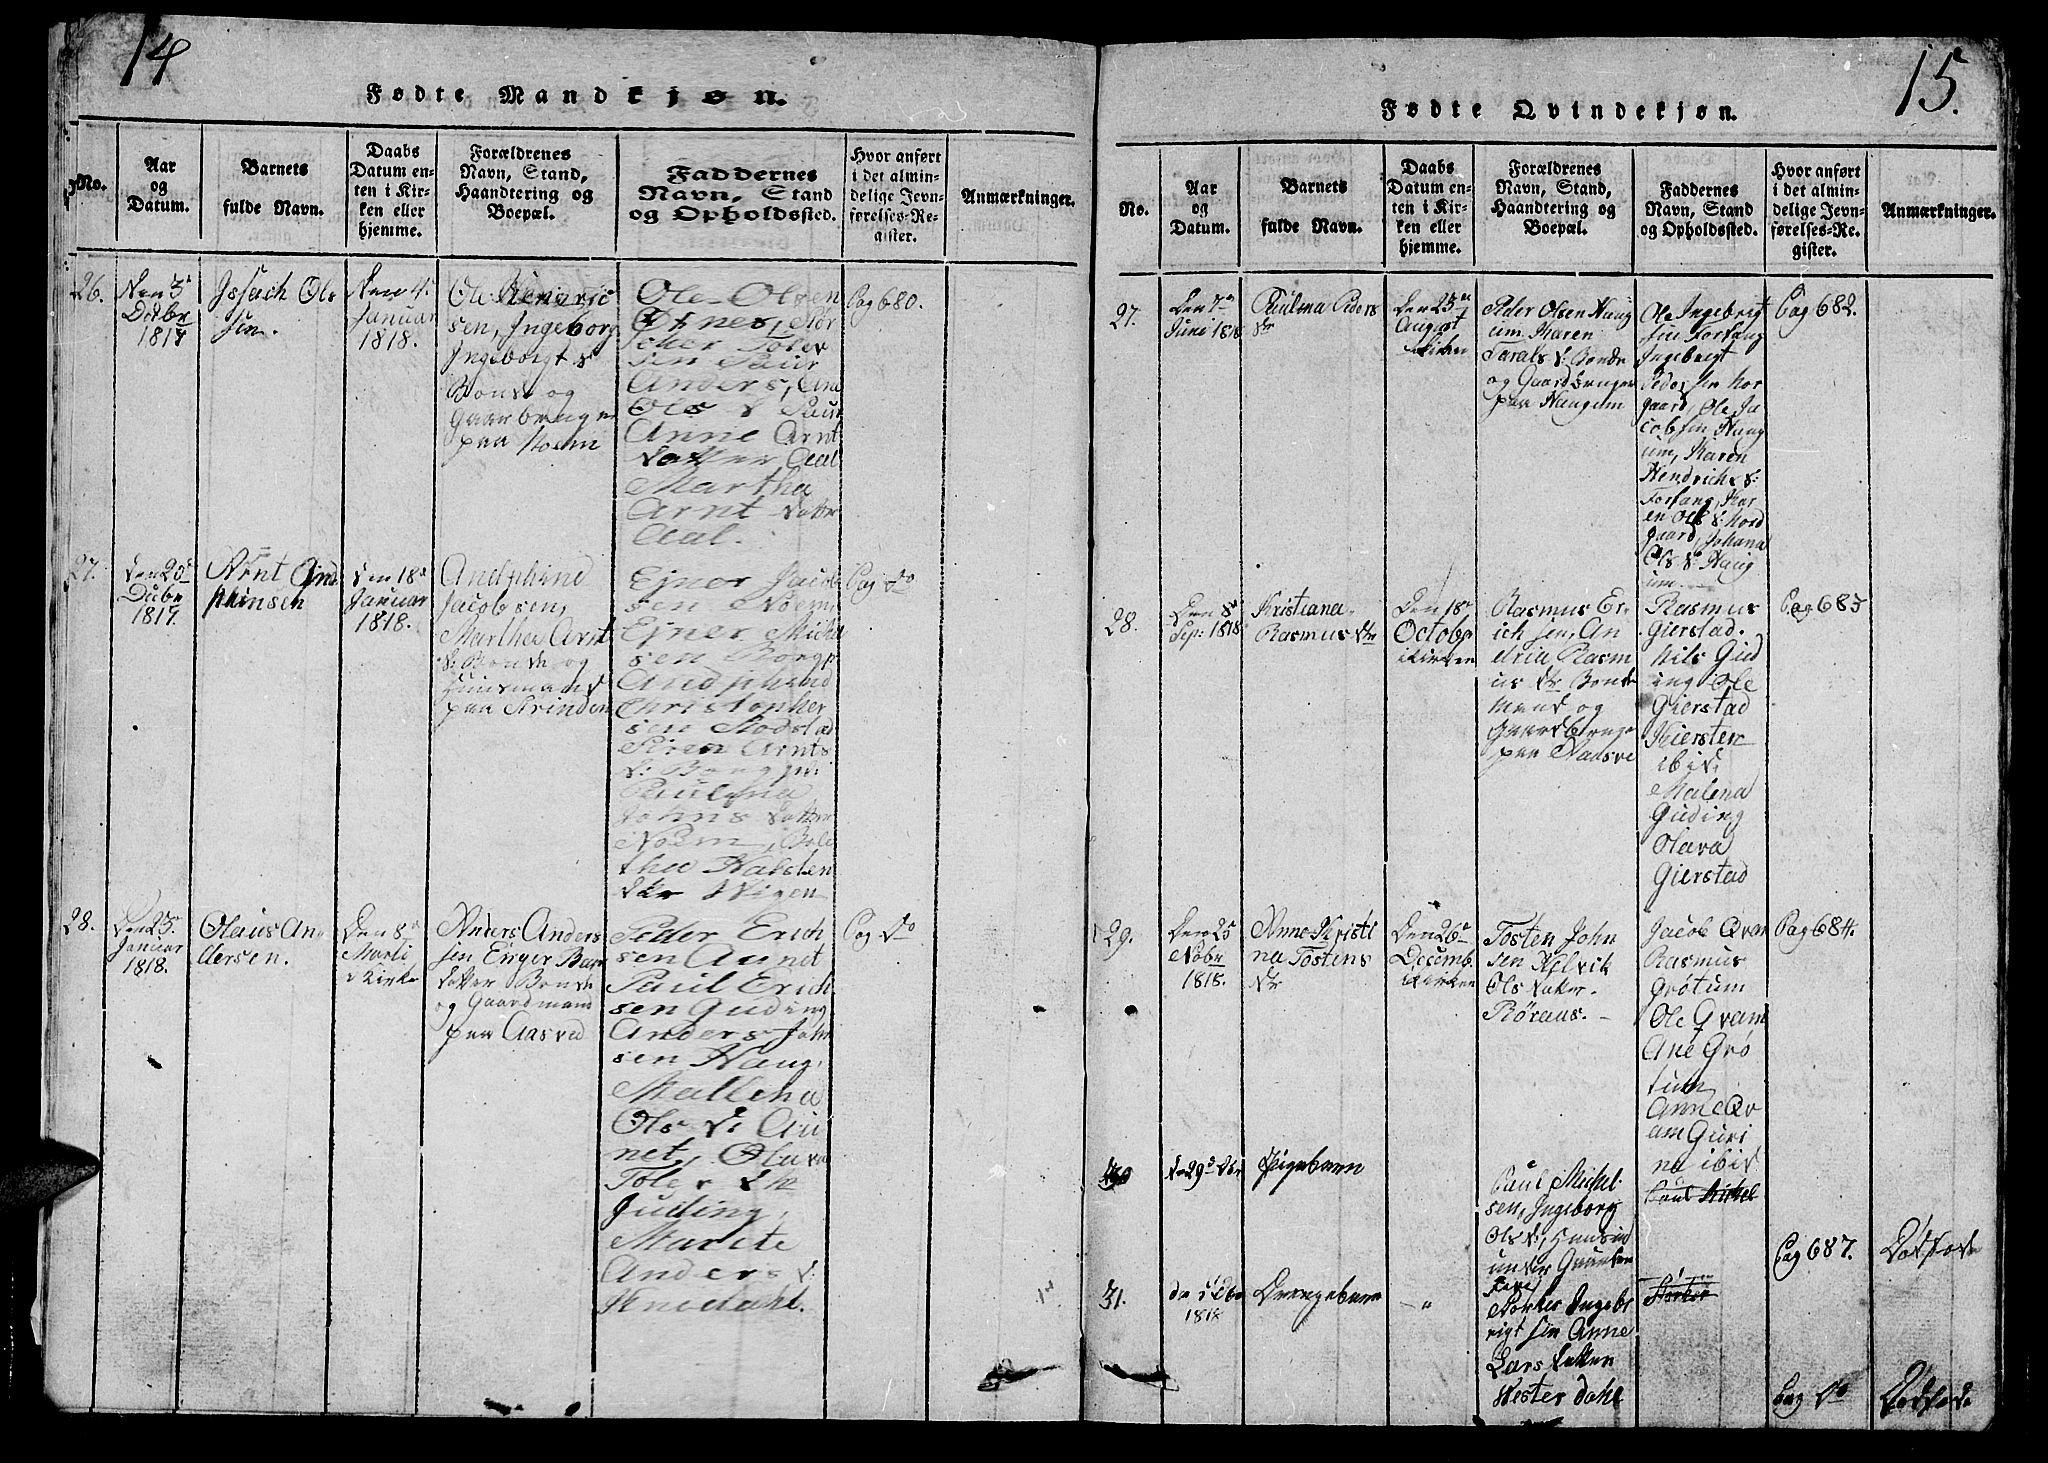 SAT, Ministerialprotokoller, klokkerbøker og fødselsregistre - Nord-Trøndelag, 747/L0459: Klokkerbok nr. 747C01, 1816-1842, s. 14-15